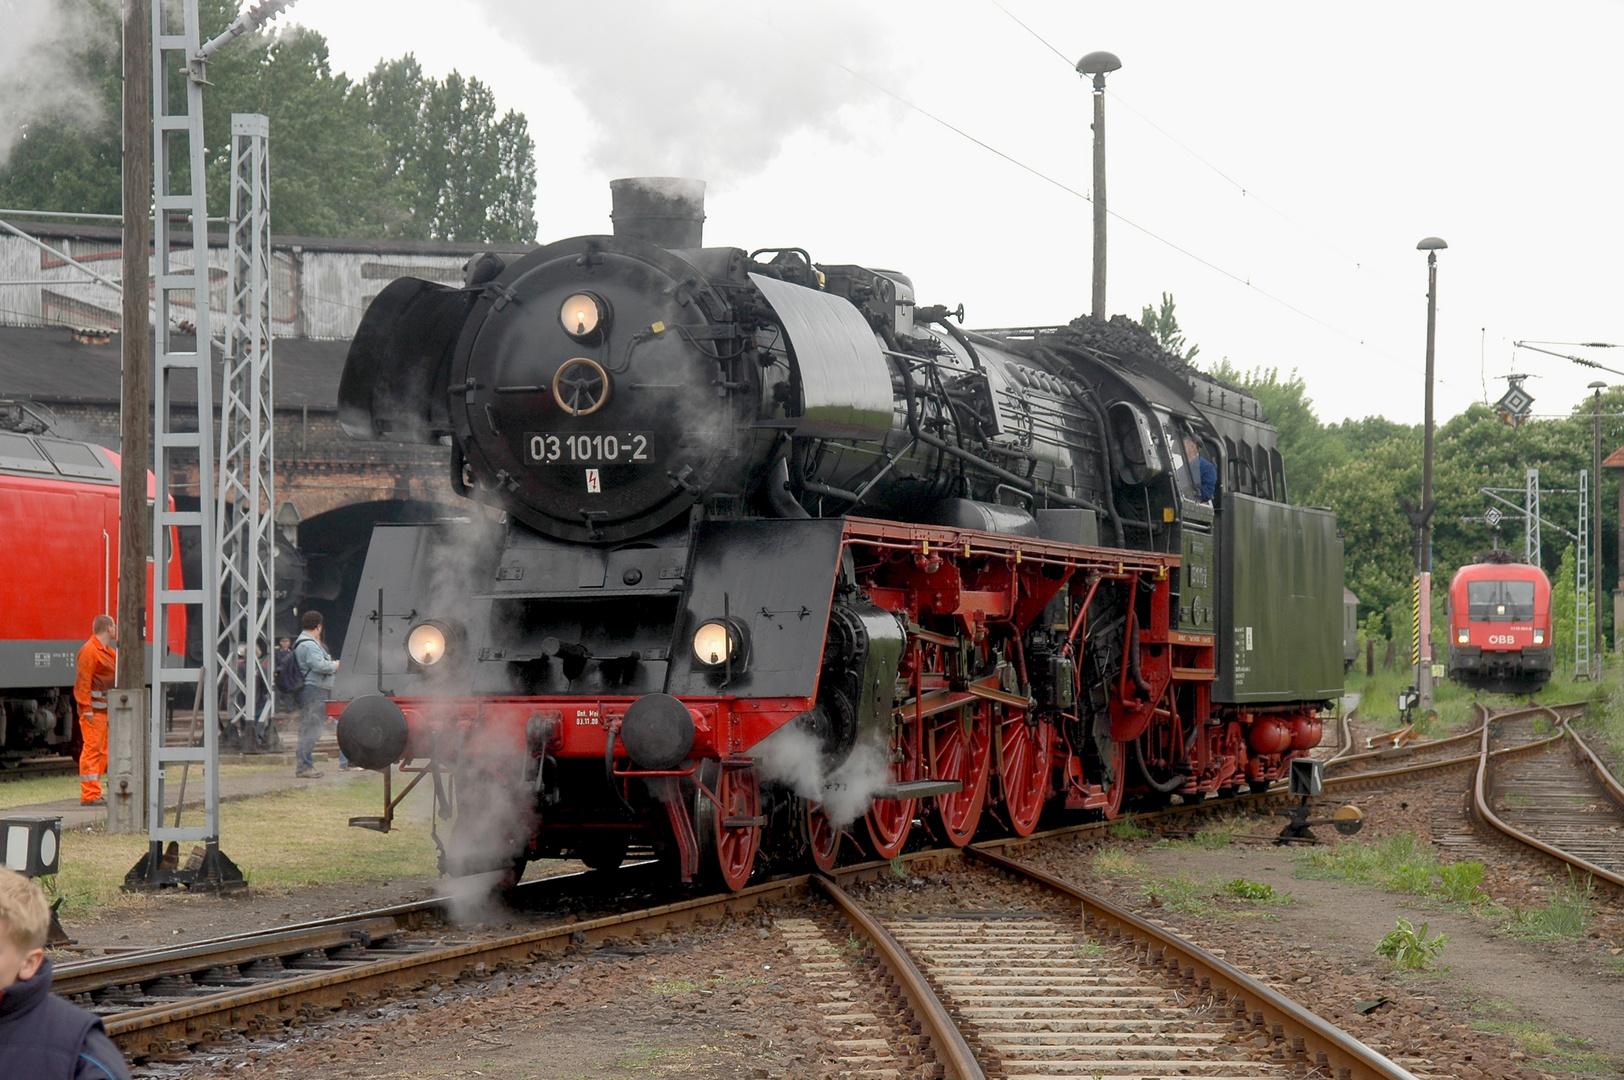 Die Traditionslok 03 1010 im ehemaligen Bw Berlin-Ostbahnhof, Est Lichtenberg